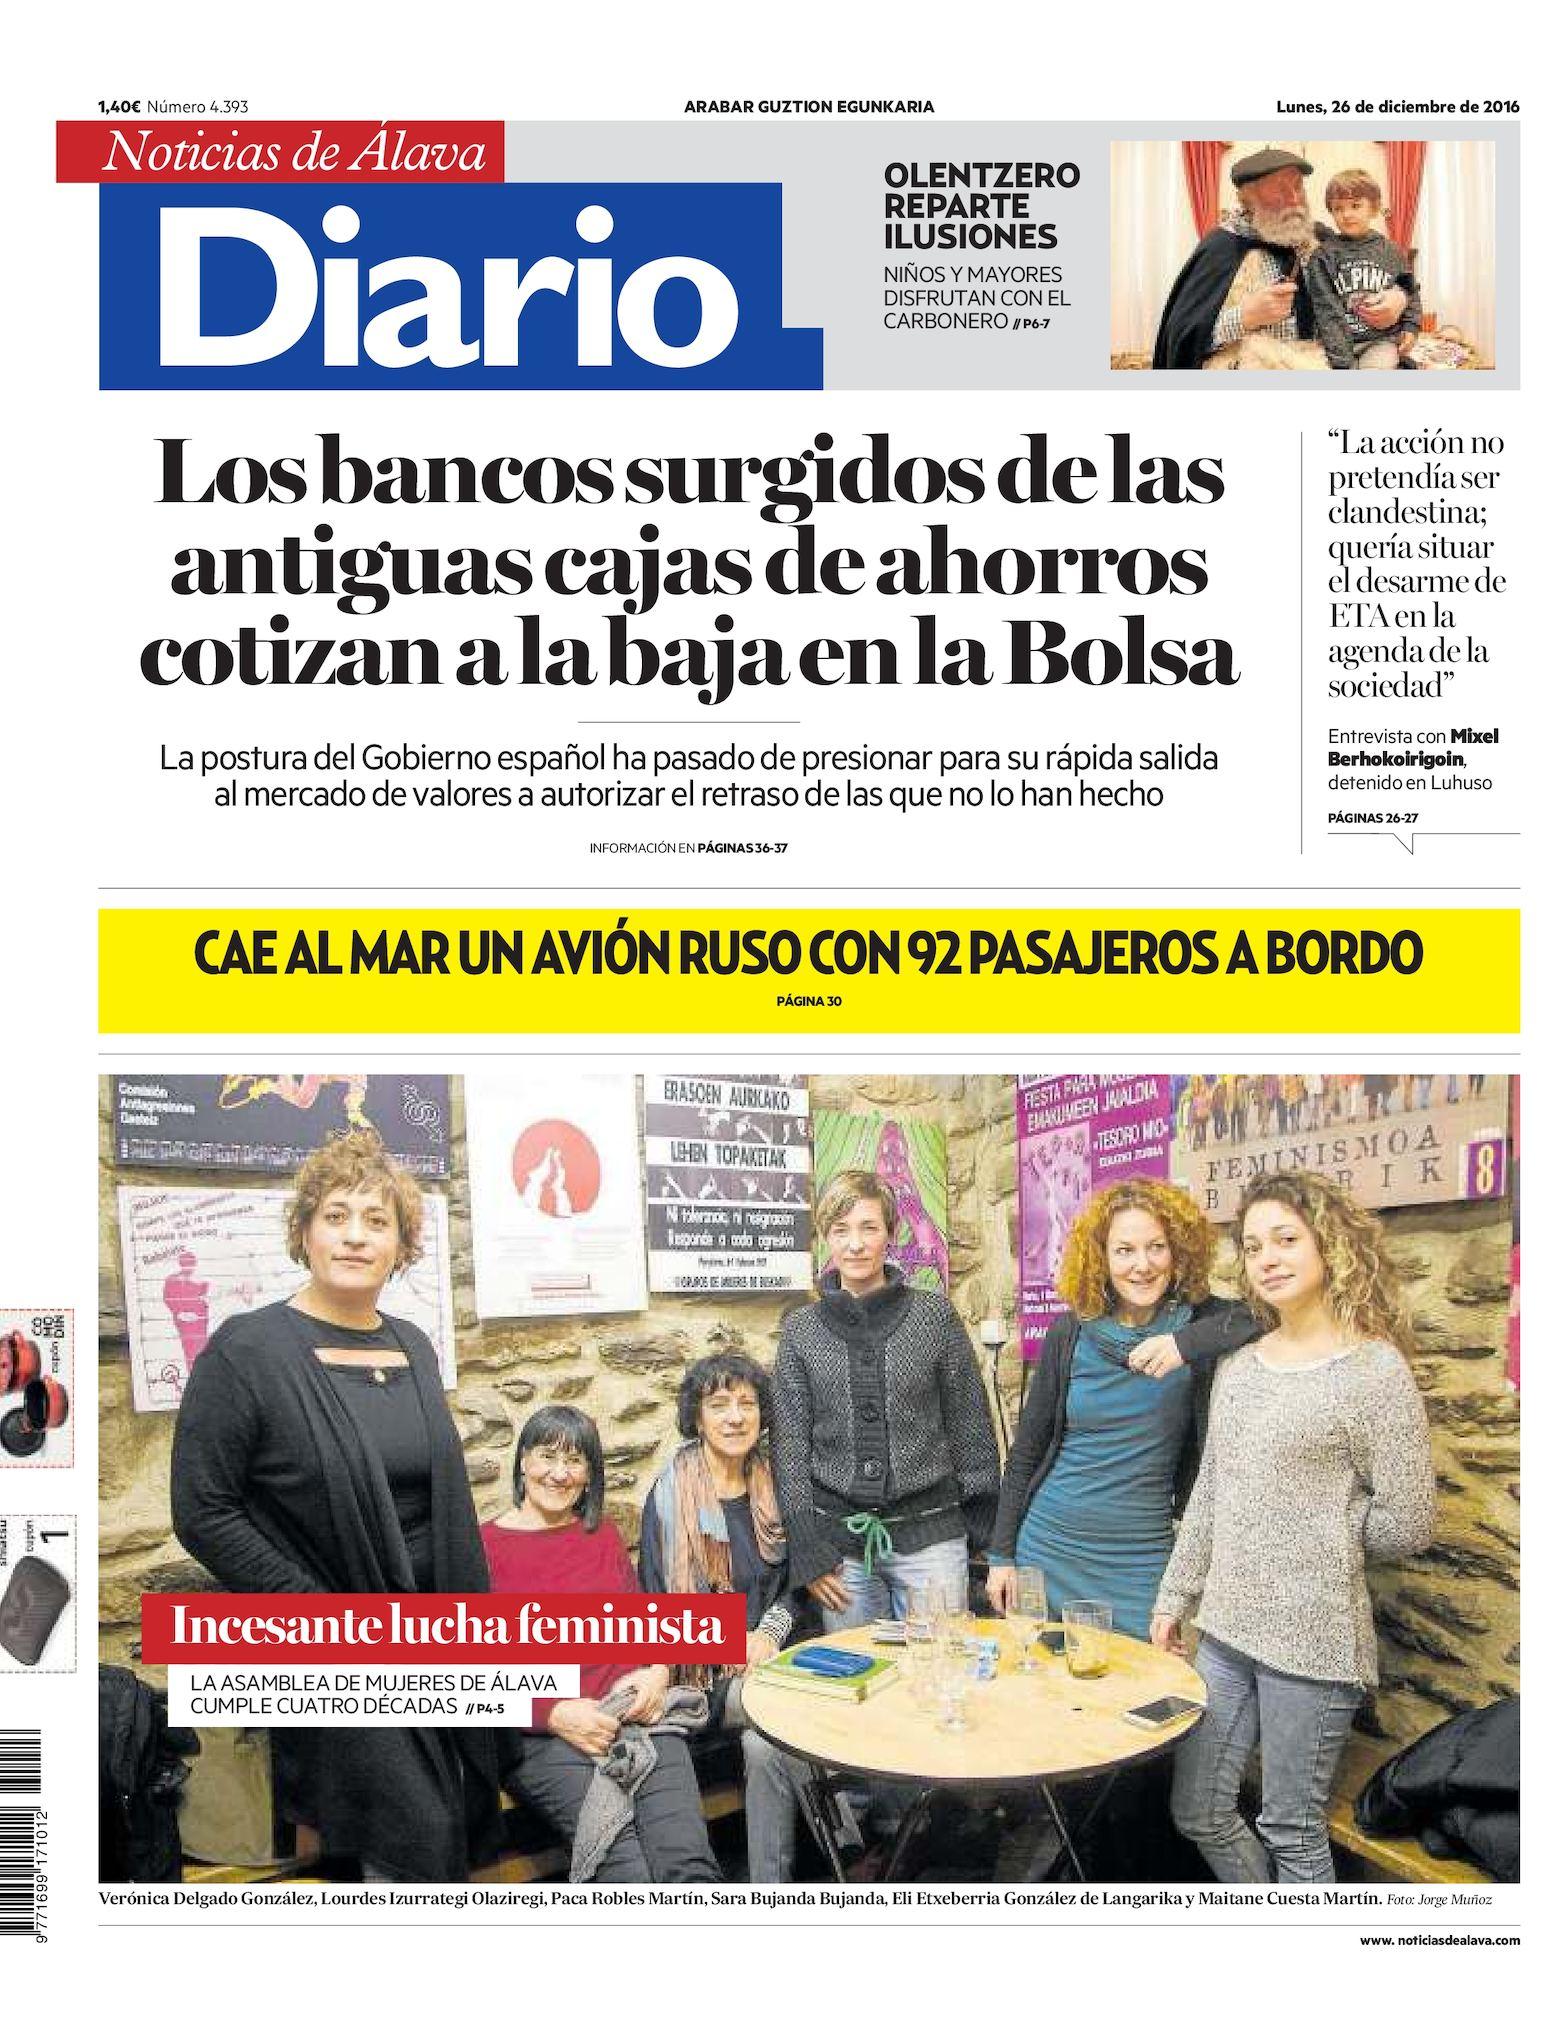 Calaméo - Diario de Noticias de Álava 20161226 990cf66f87a39